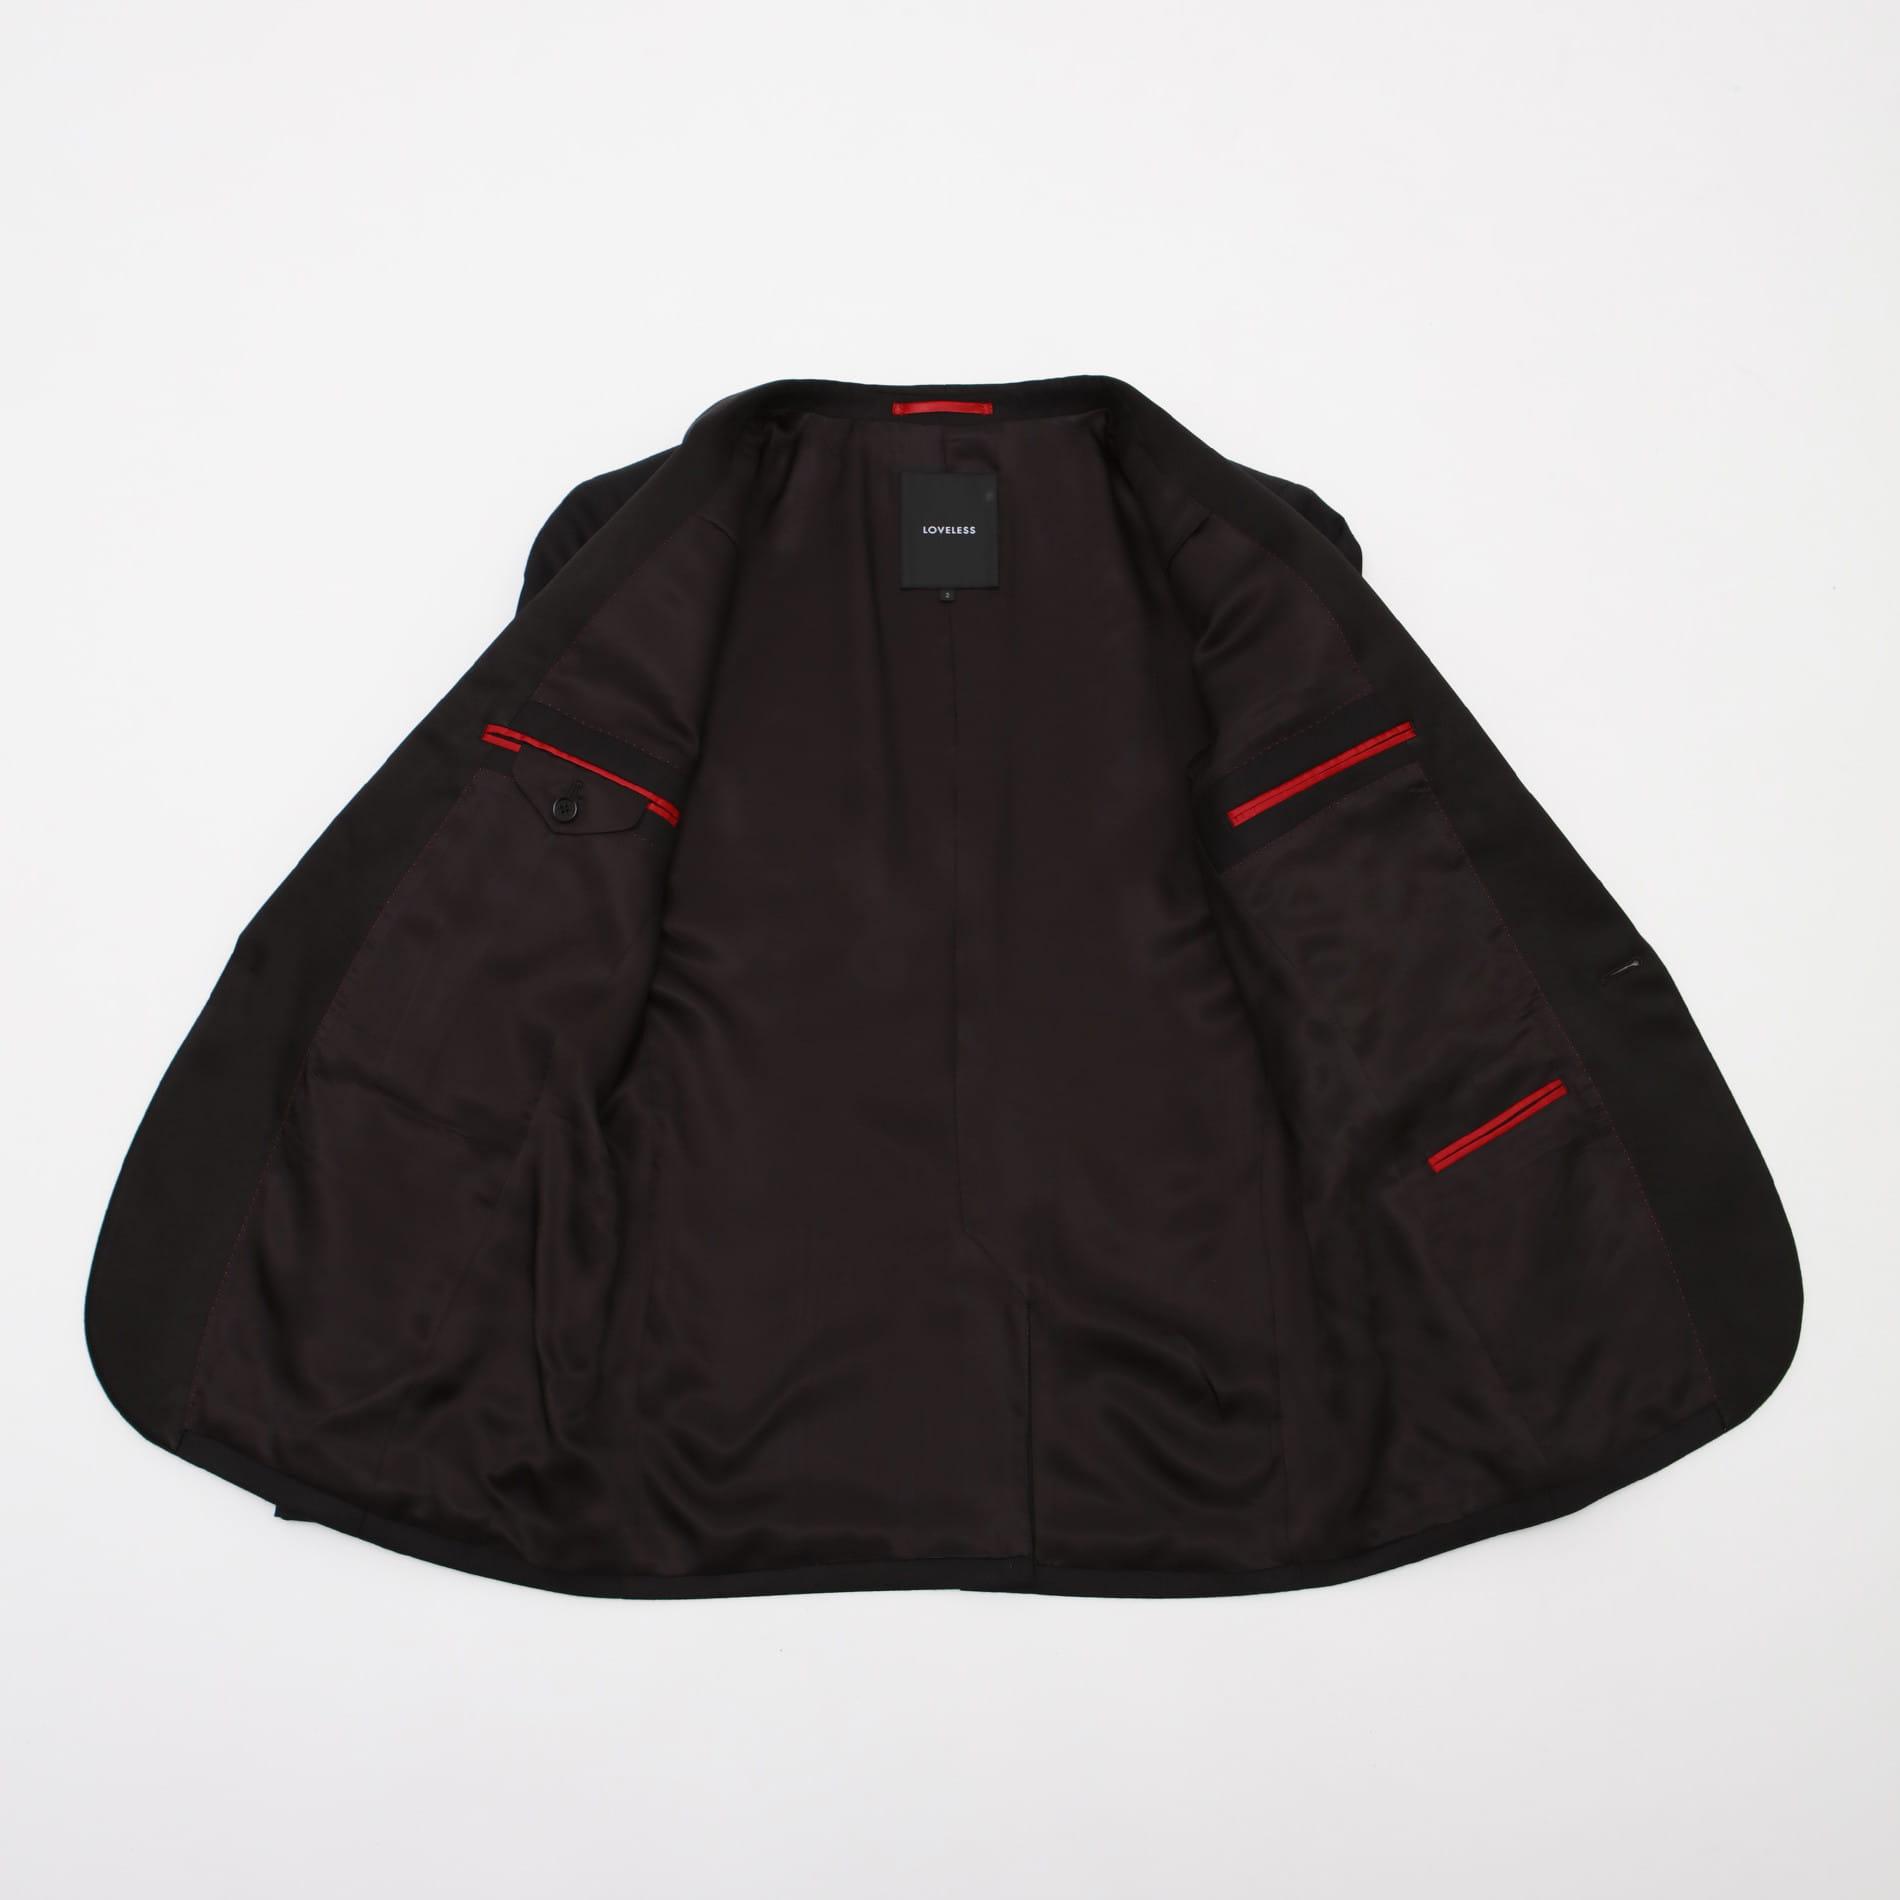 【予約販売】ショールカラー タキシードジャケット